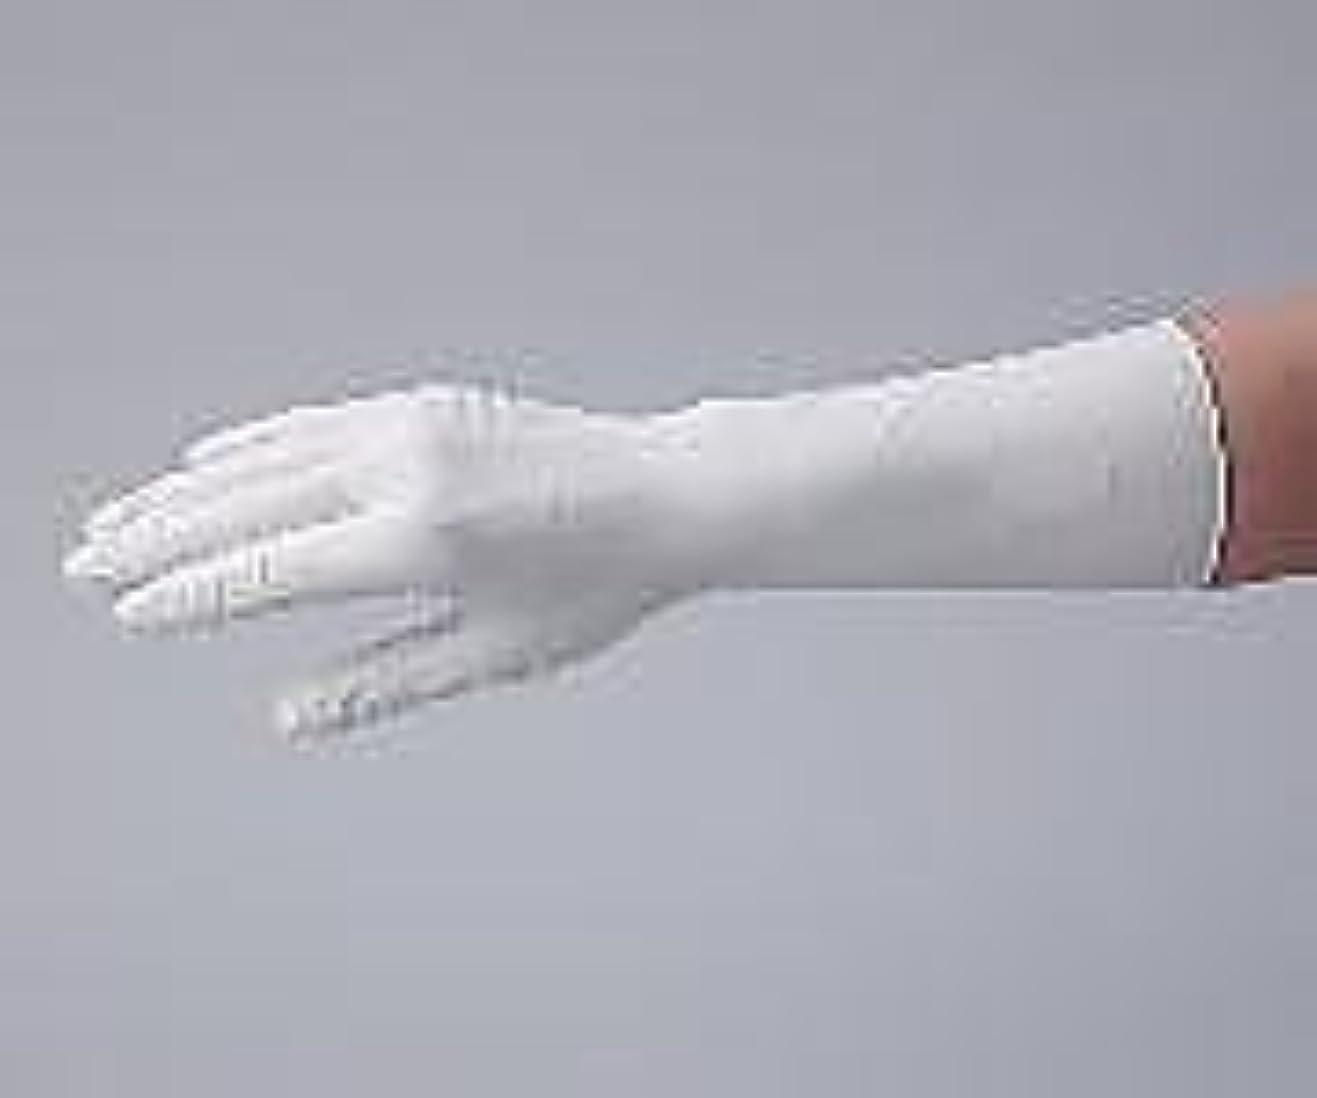 浸す障害横にアズピュア(アズワン)1-2324-51アズピュアクリーンファーストニトリル手袋(ペアタイプ)クリーンパックXS左右各50枚×10袋入